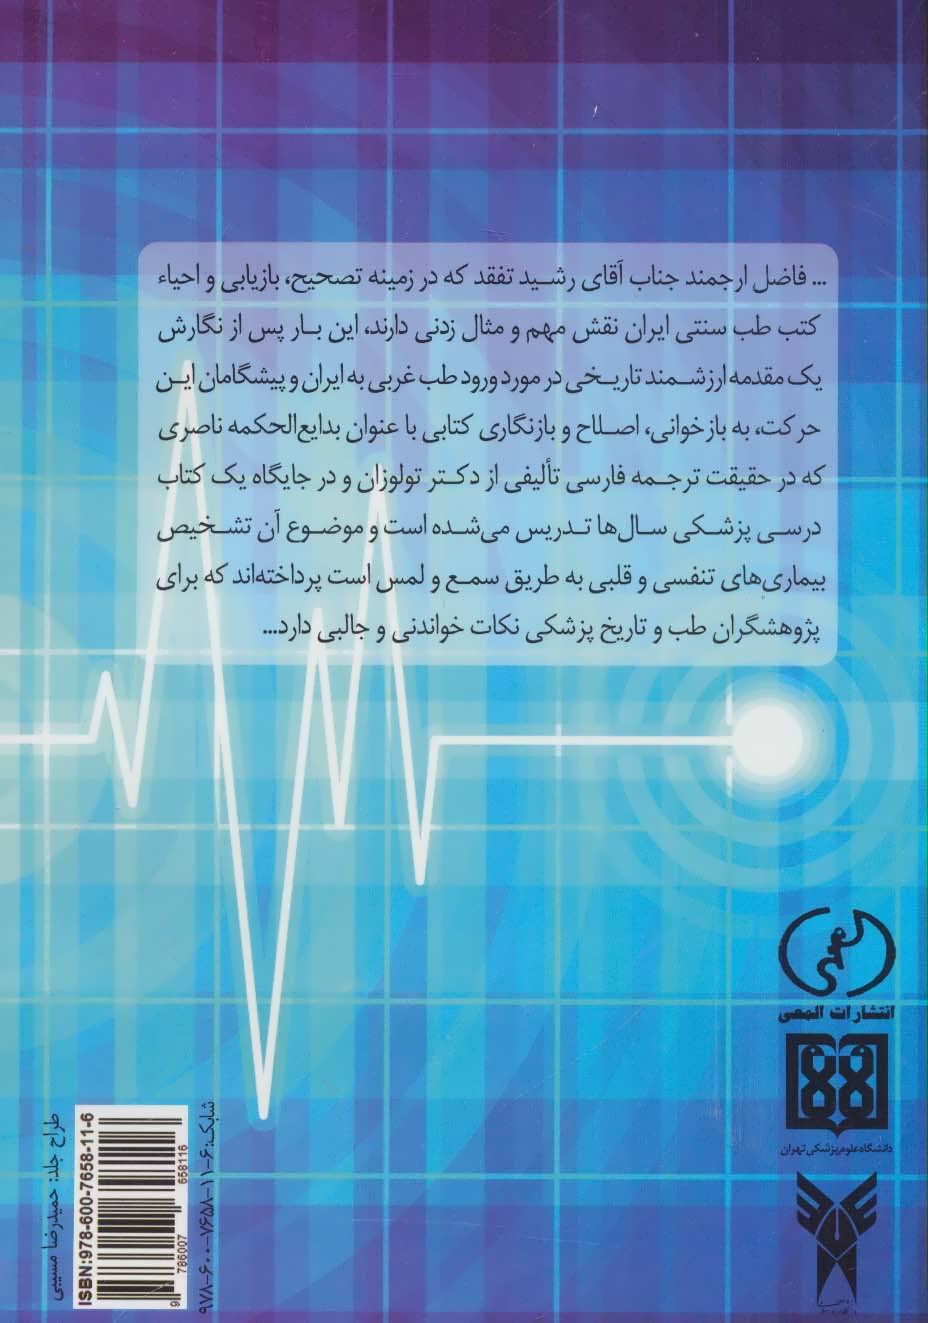 بدایع الحکمه ناصری (تشخیص بیماری های ریه و قلب از صوت ریه)